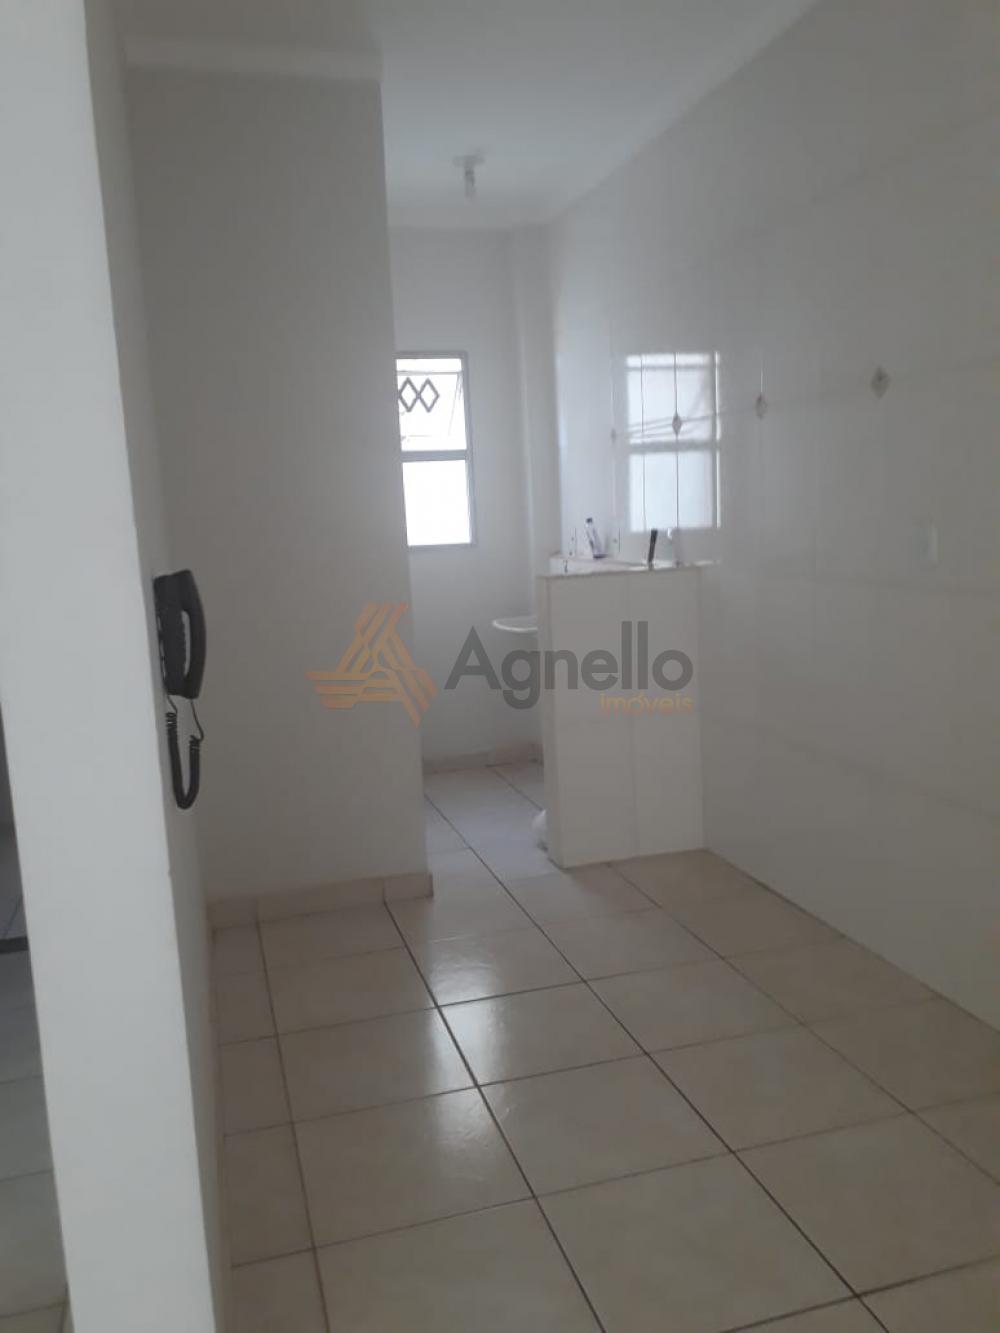 Comprar Apartamento / Padrão em Franca R$ 170.000,00 - Foto 8